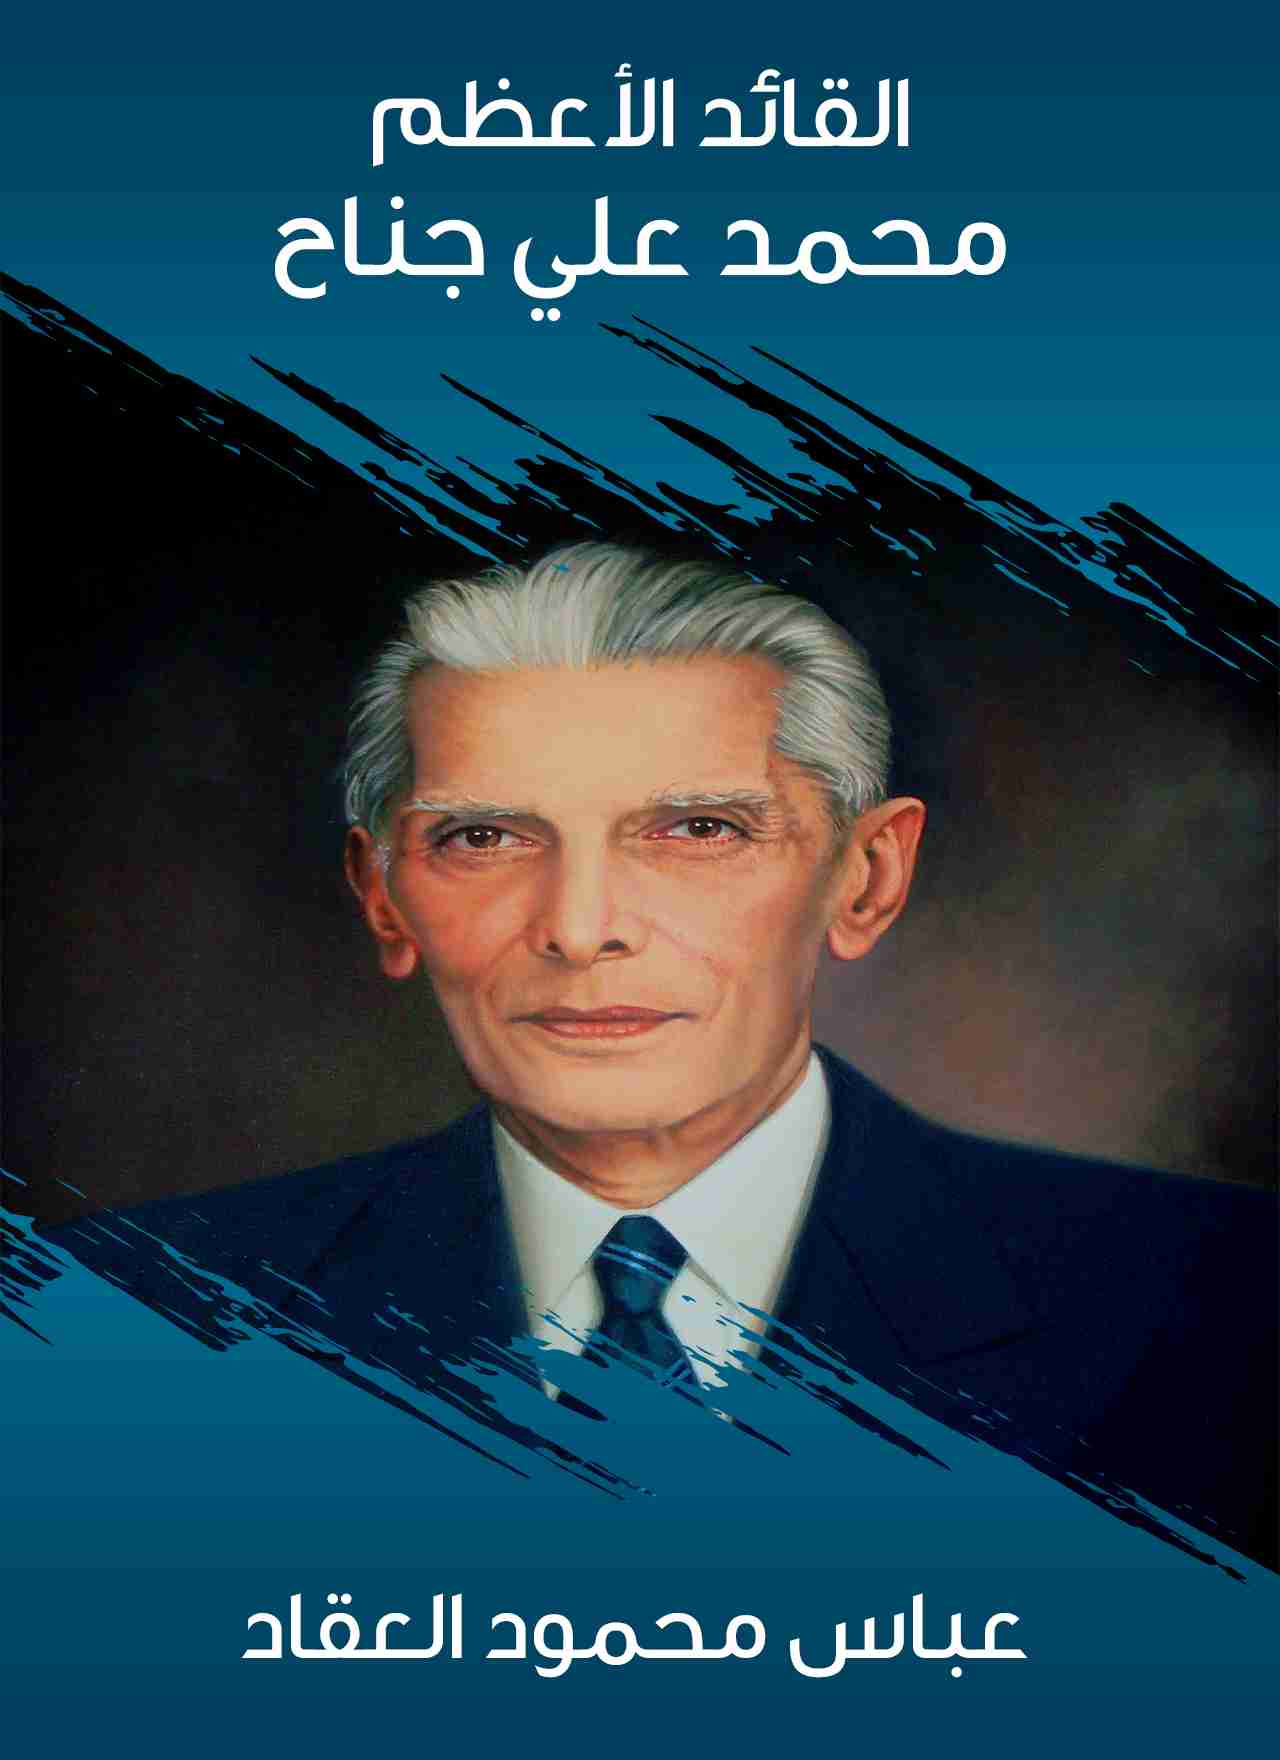 كتاب القائد الأعظم محمد علي جناح - عباس العقاد